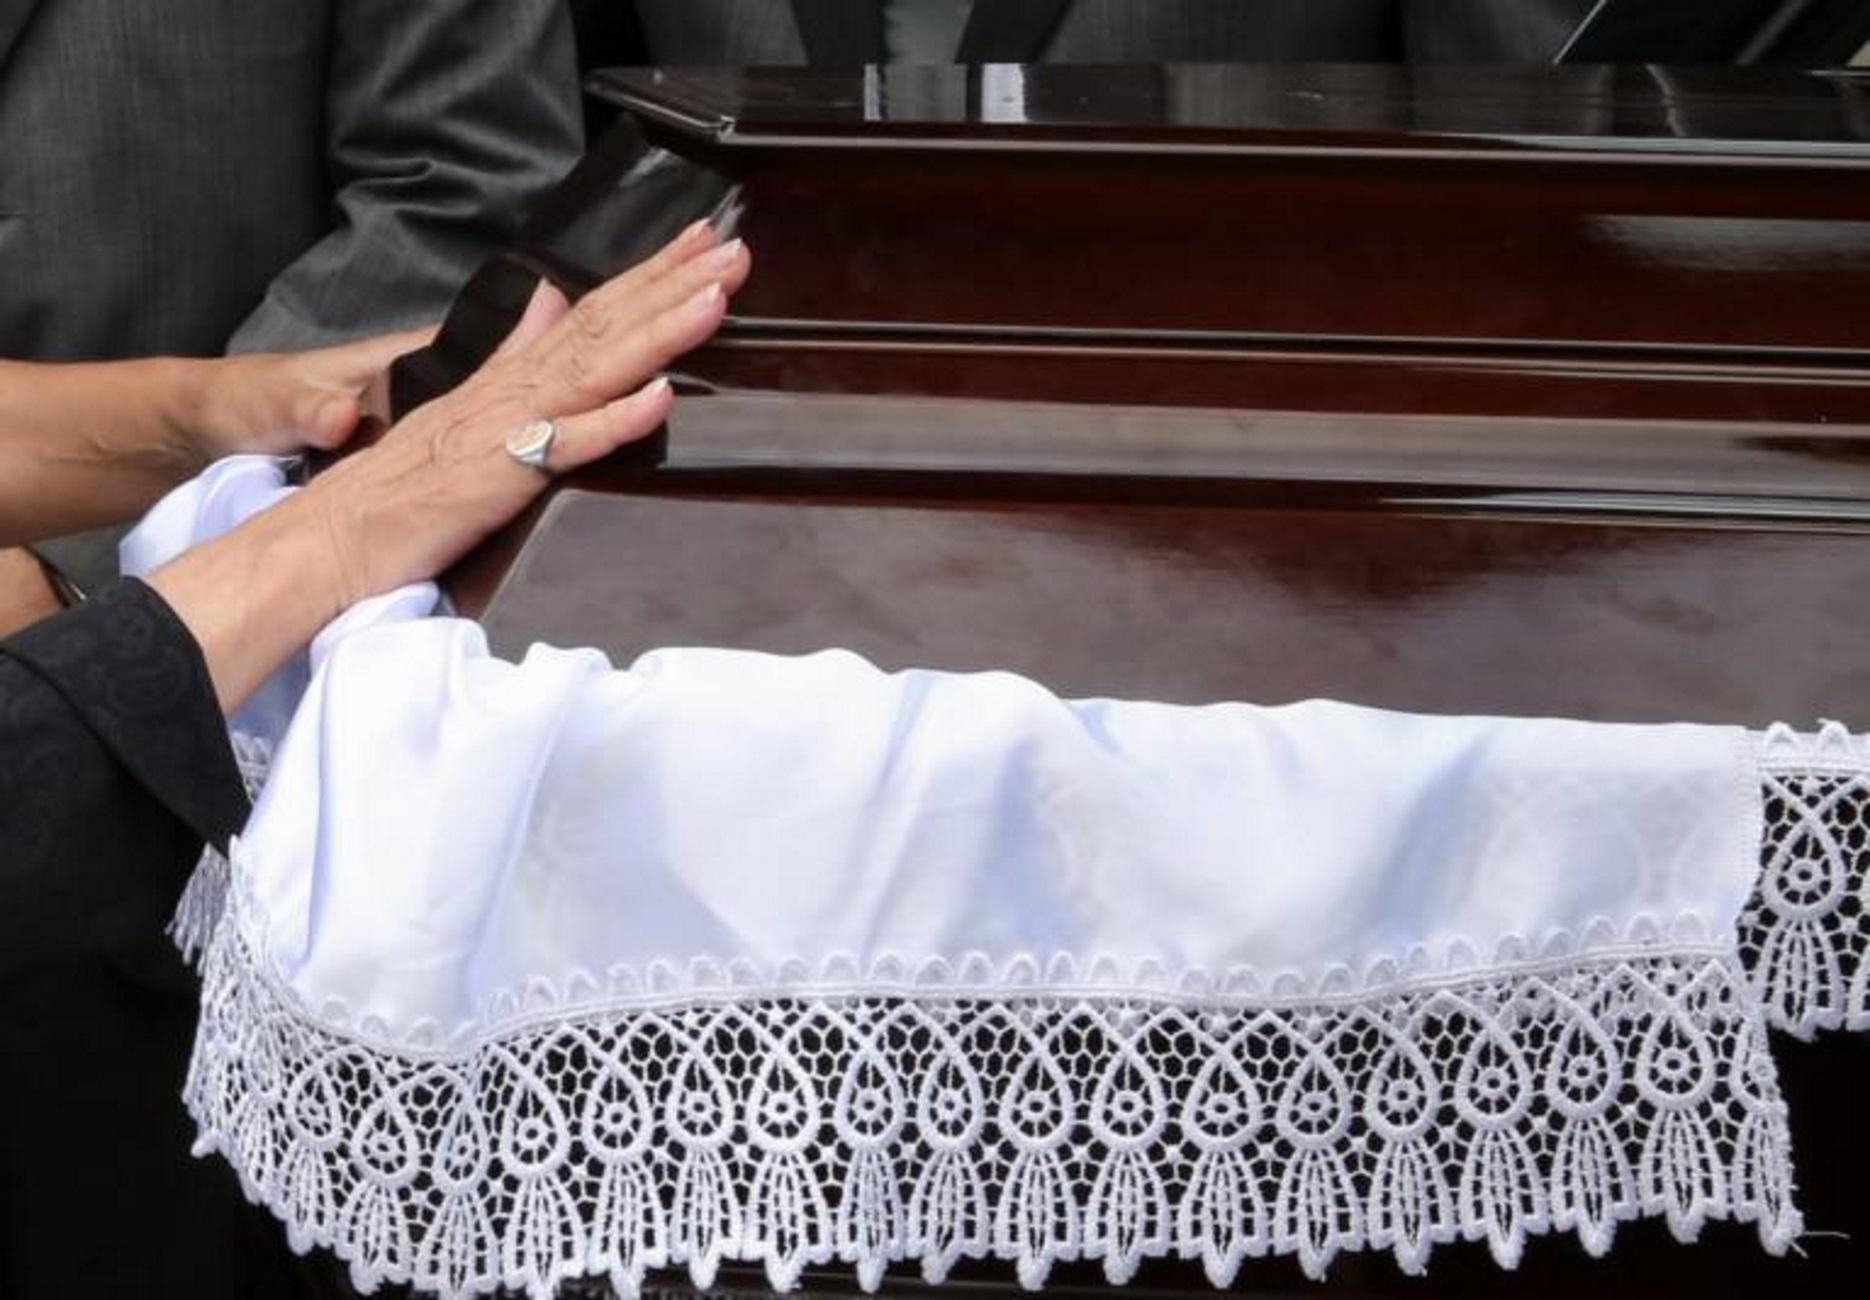 Δράμα – Κορονοϊός: Κηδεία με 2.000 άτομα – Ο συνωστισμός και οι φόβοι για εκτόξευση των κρουσμάτων